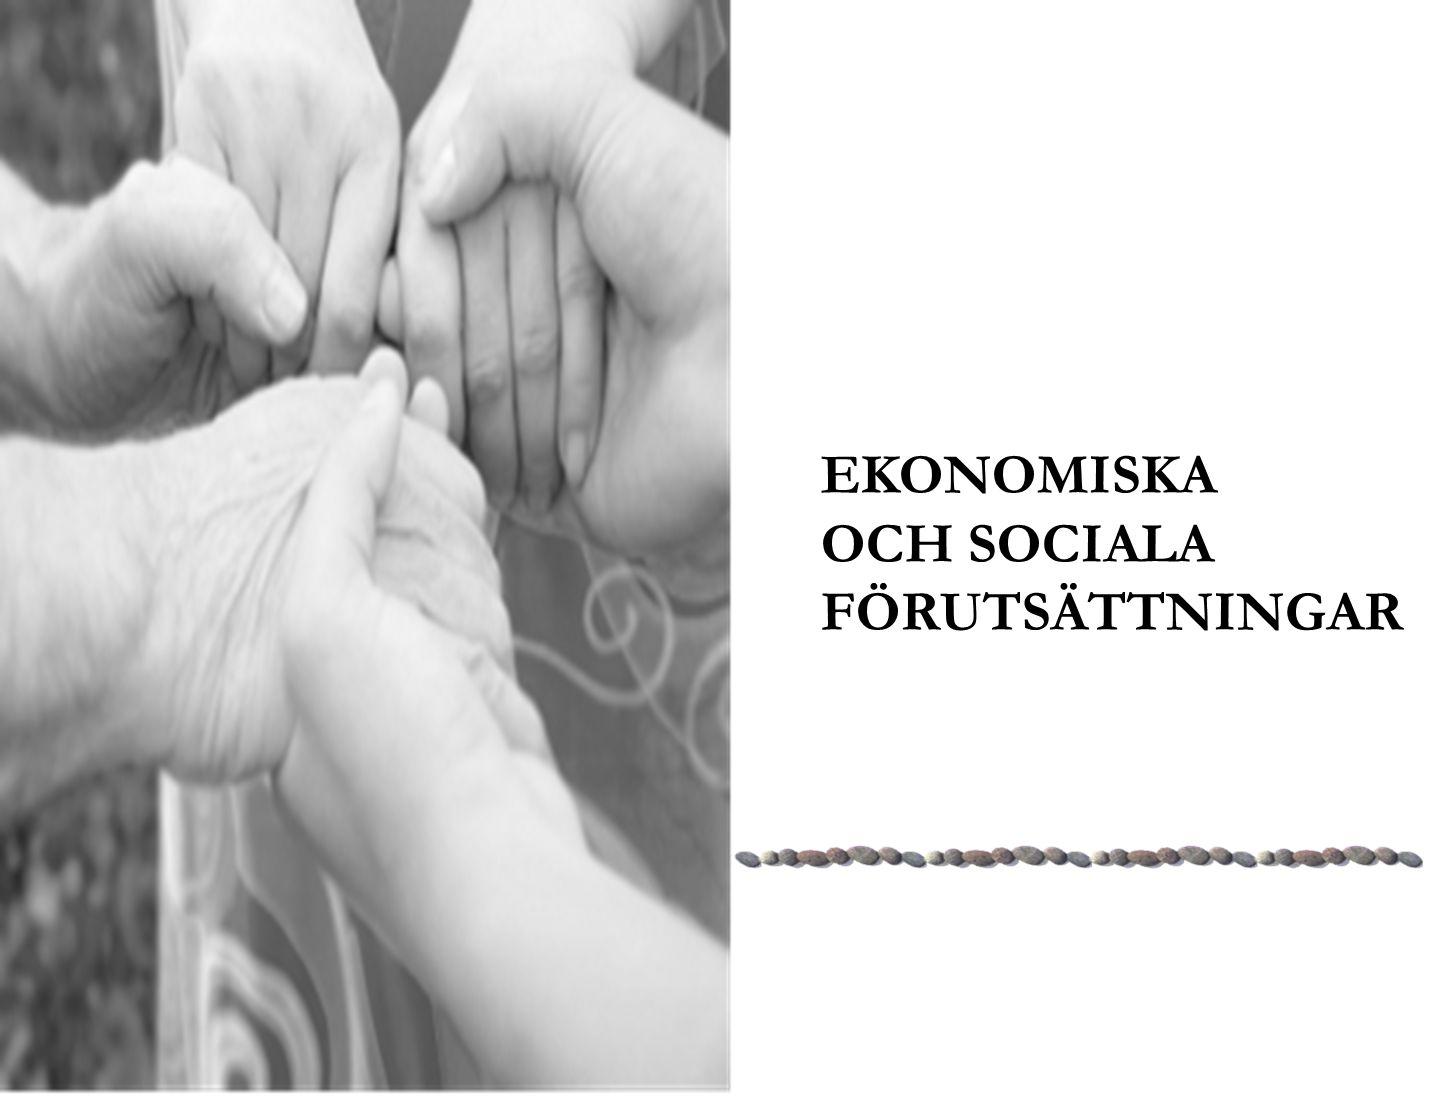 EKONOMISKA OCH SOCIALA FÖRUTSÄTTNINGAR